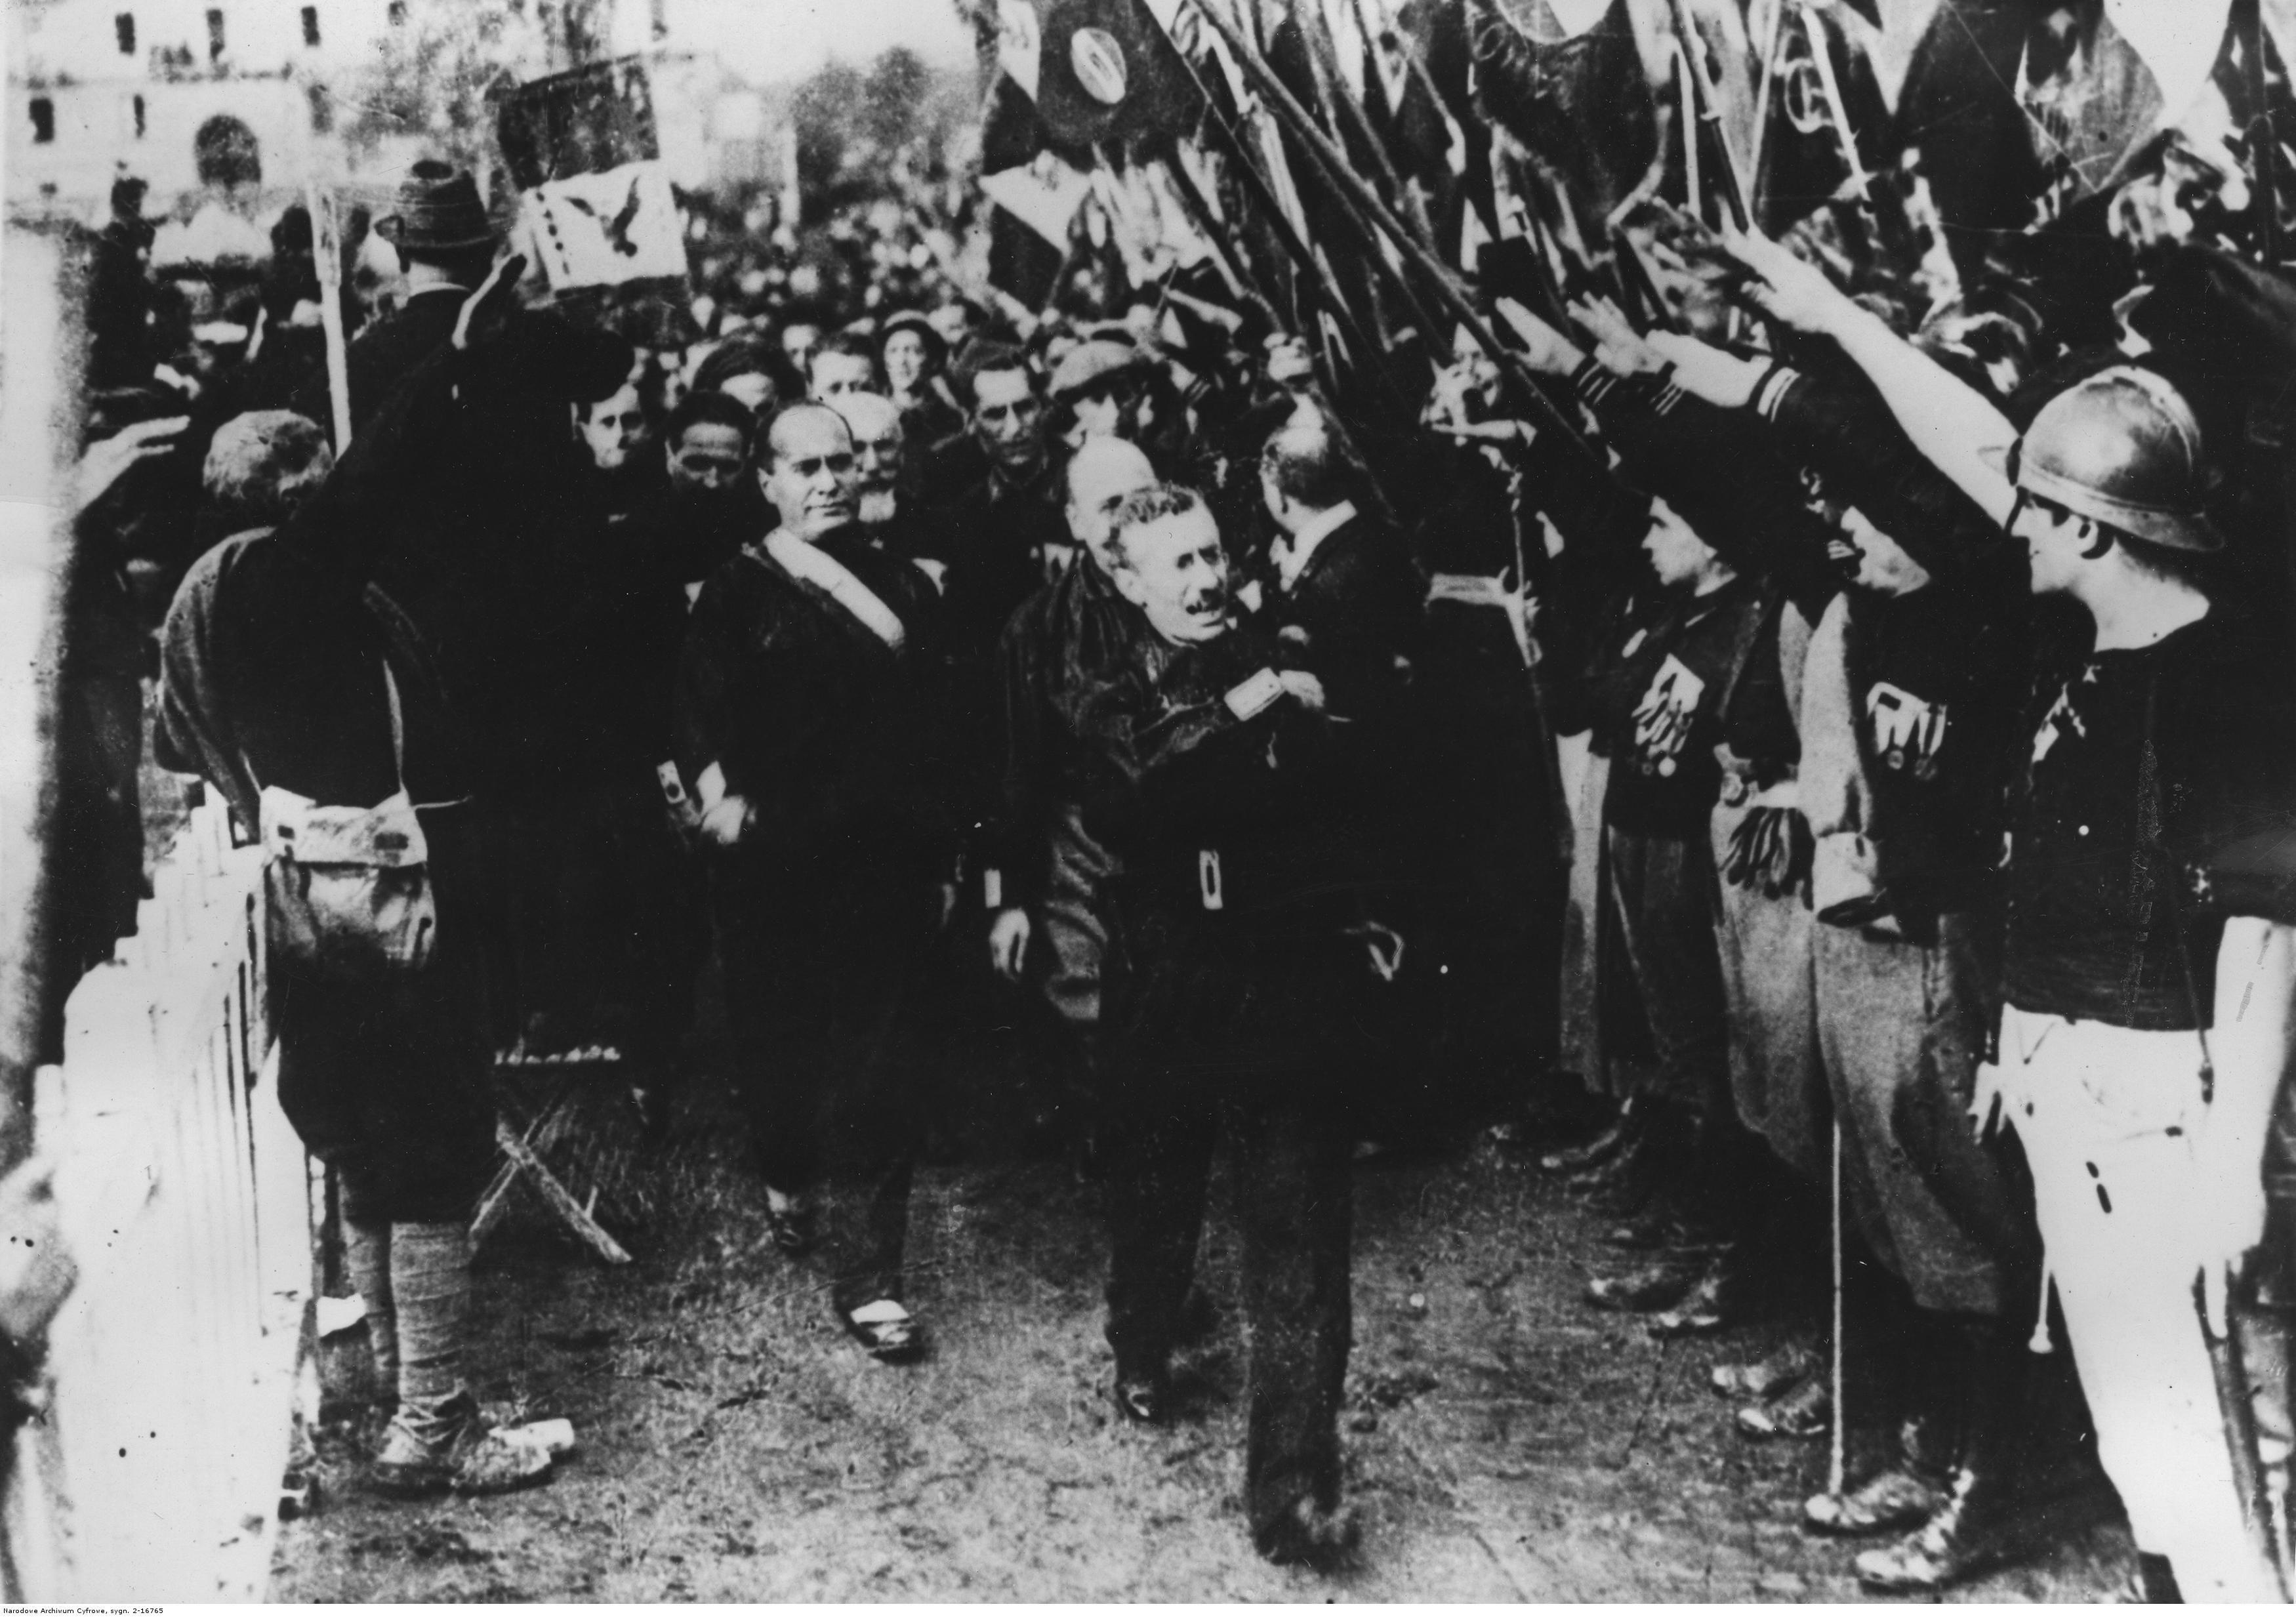 Działalność Mussoliniego zainspirowała Hitlera